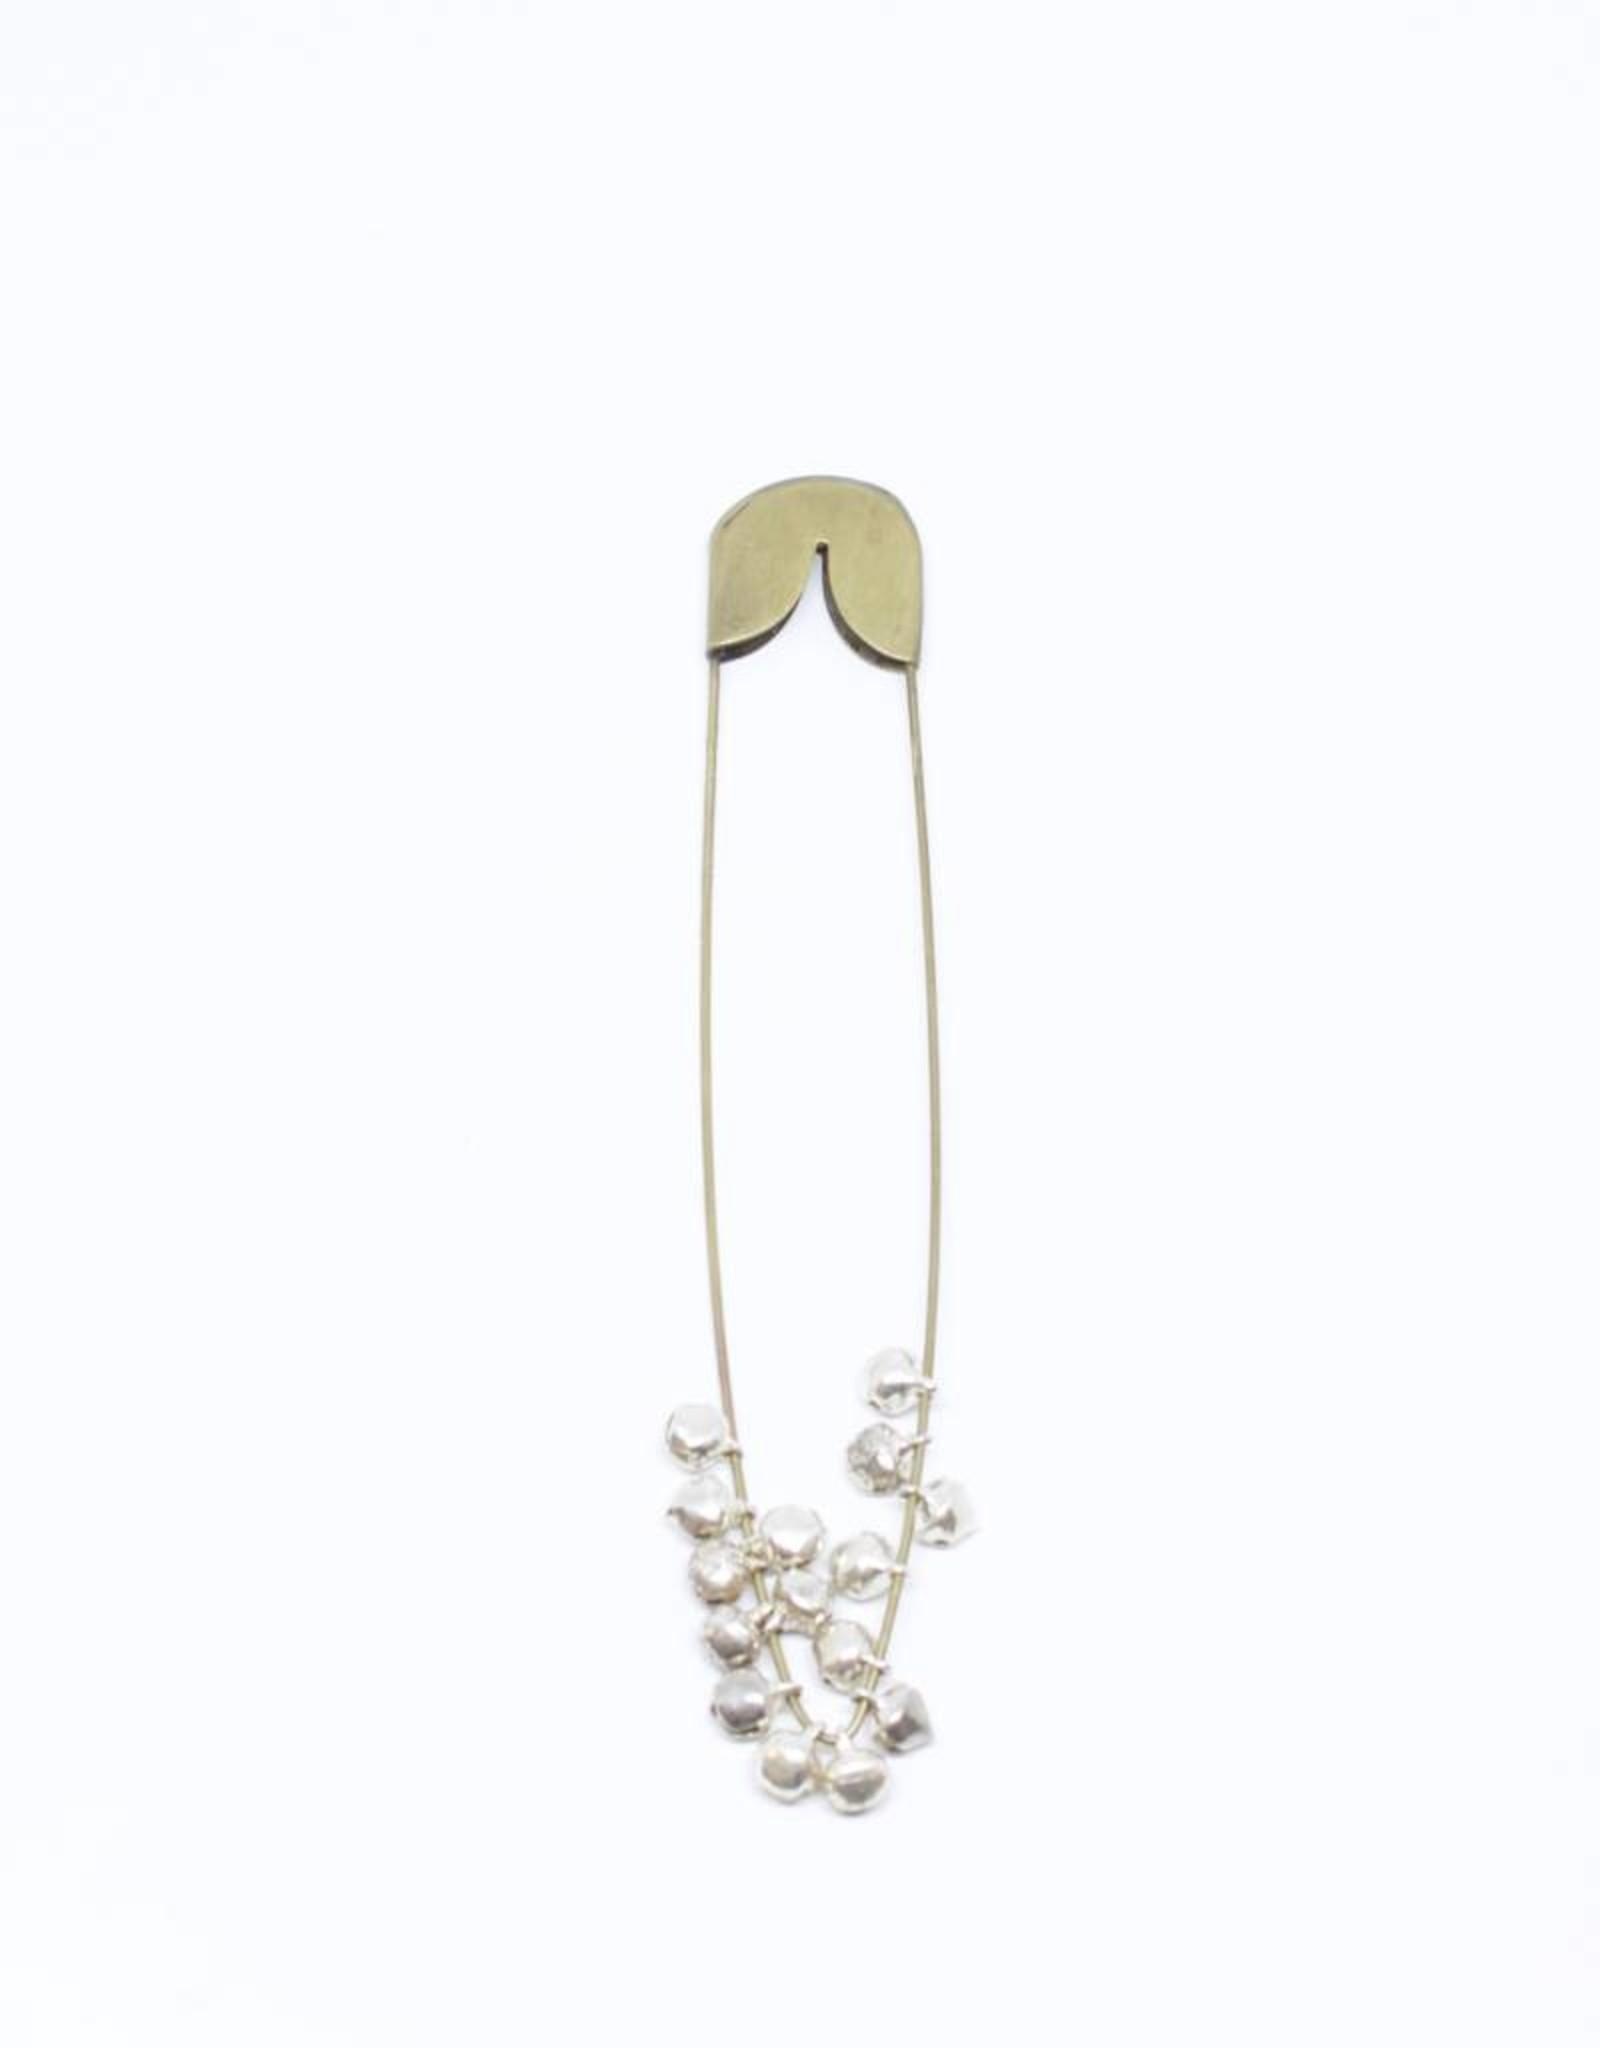 Fog Linen Brass Safety Pin with Bells - Medium